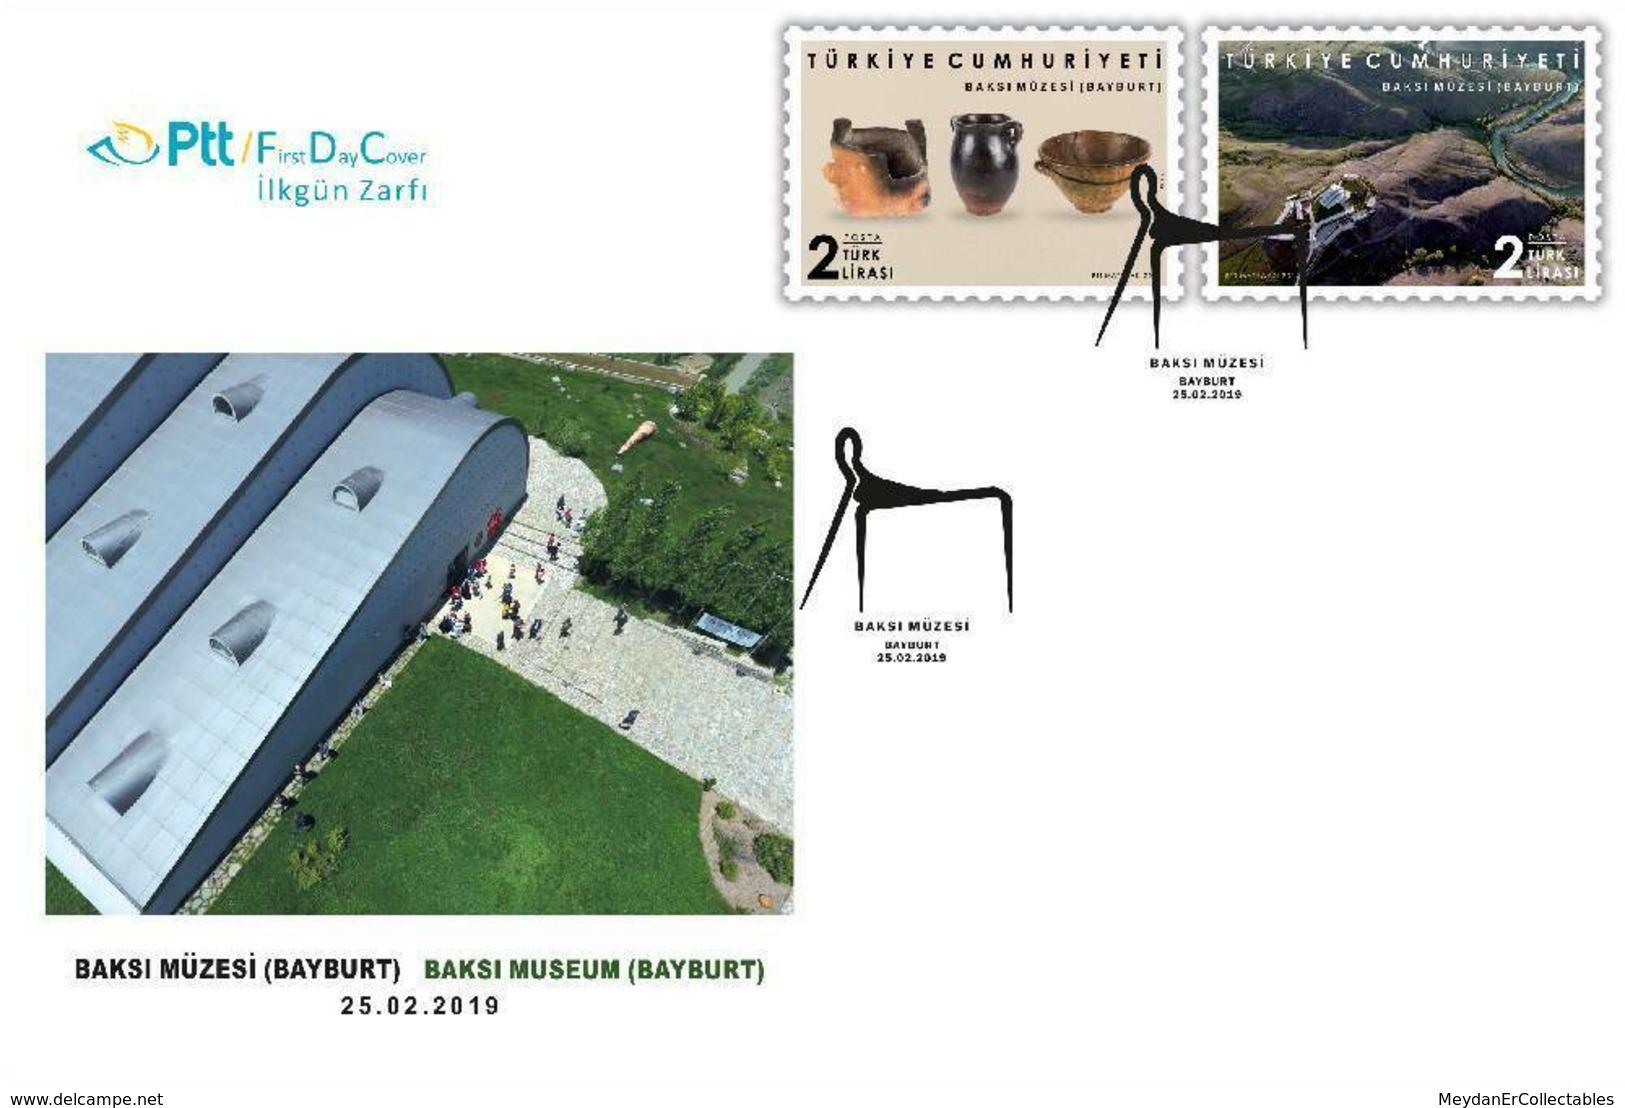 TURKEY/2019 - (FDC) PRINTING MUSEUM (BAYBURT), MNH - Nuevos